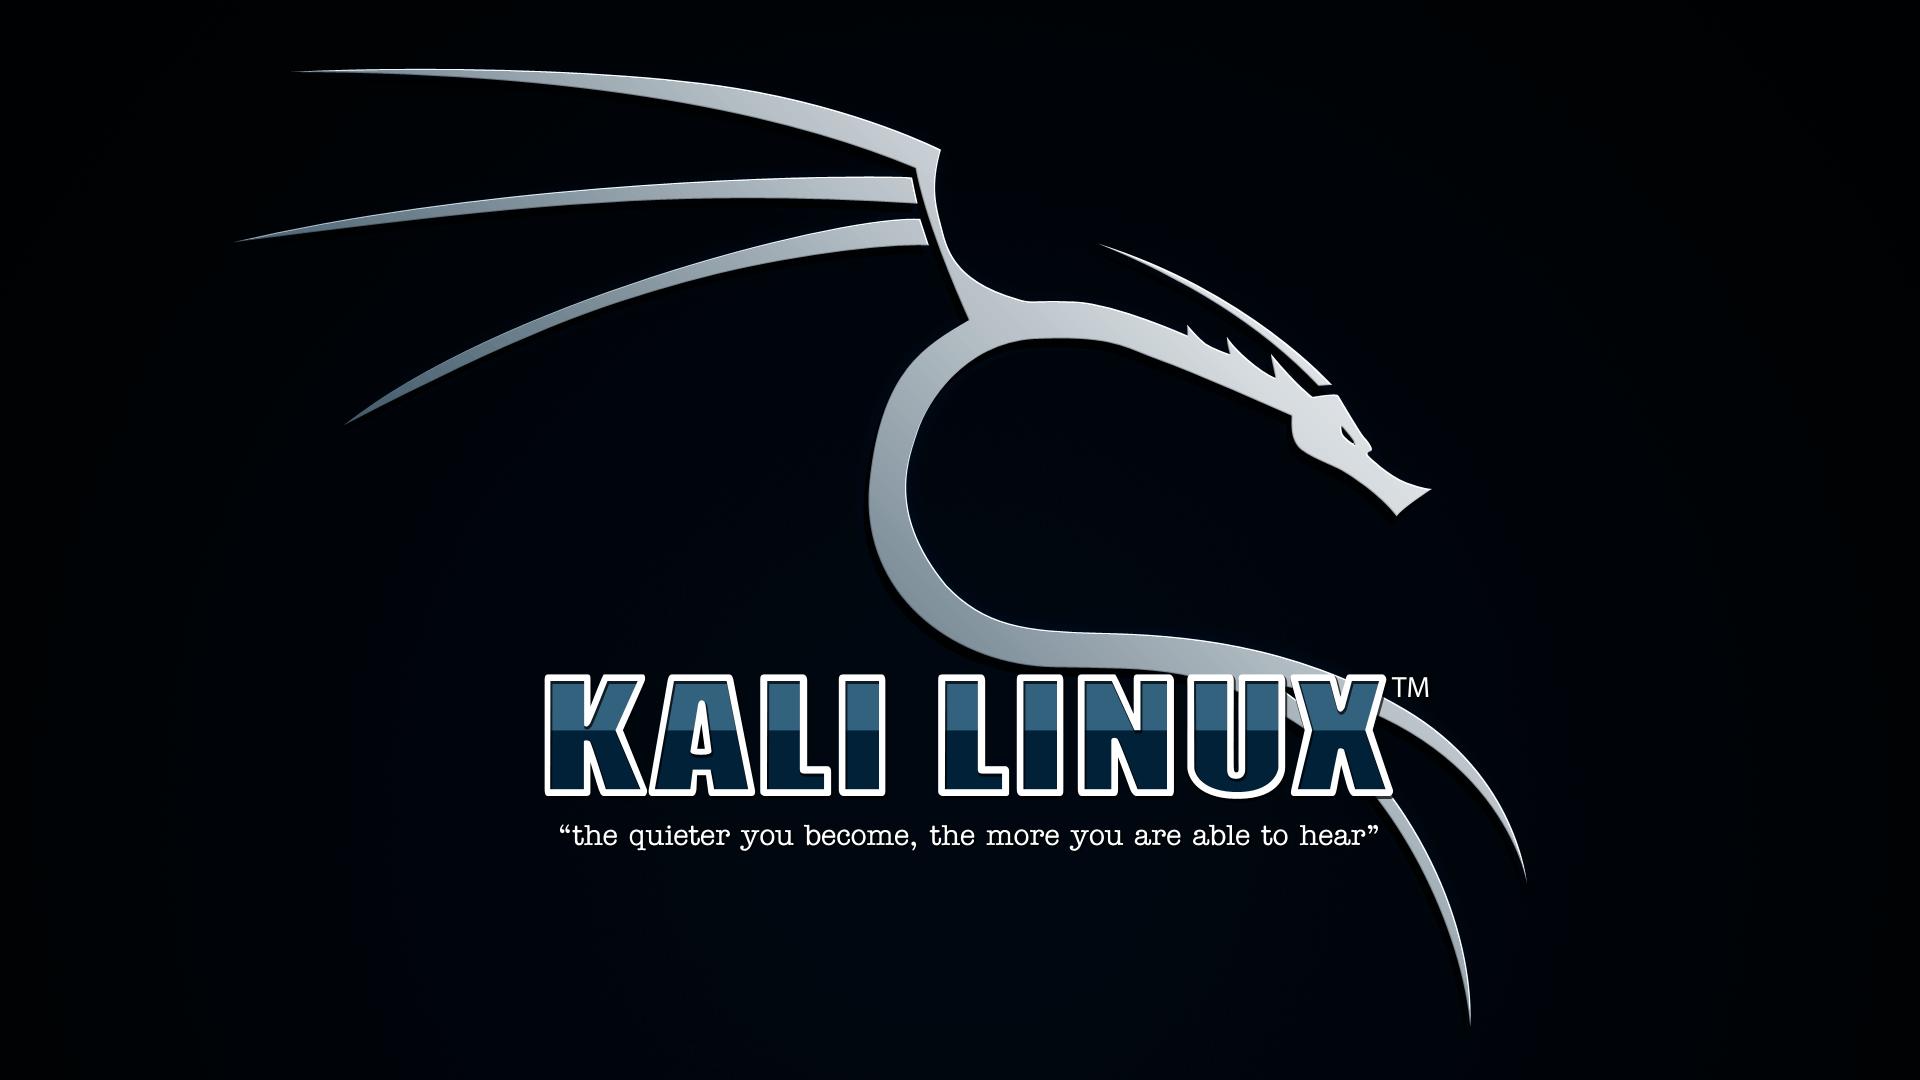 kali linux wallpaper